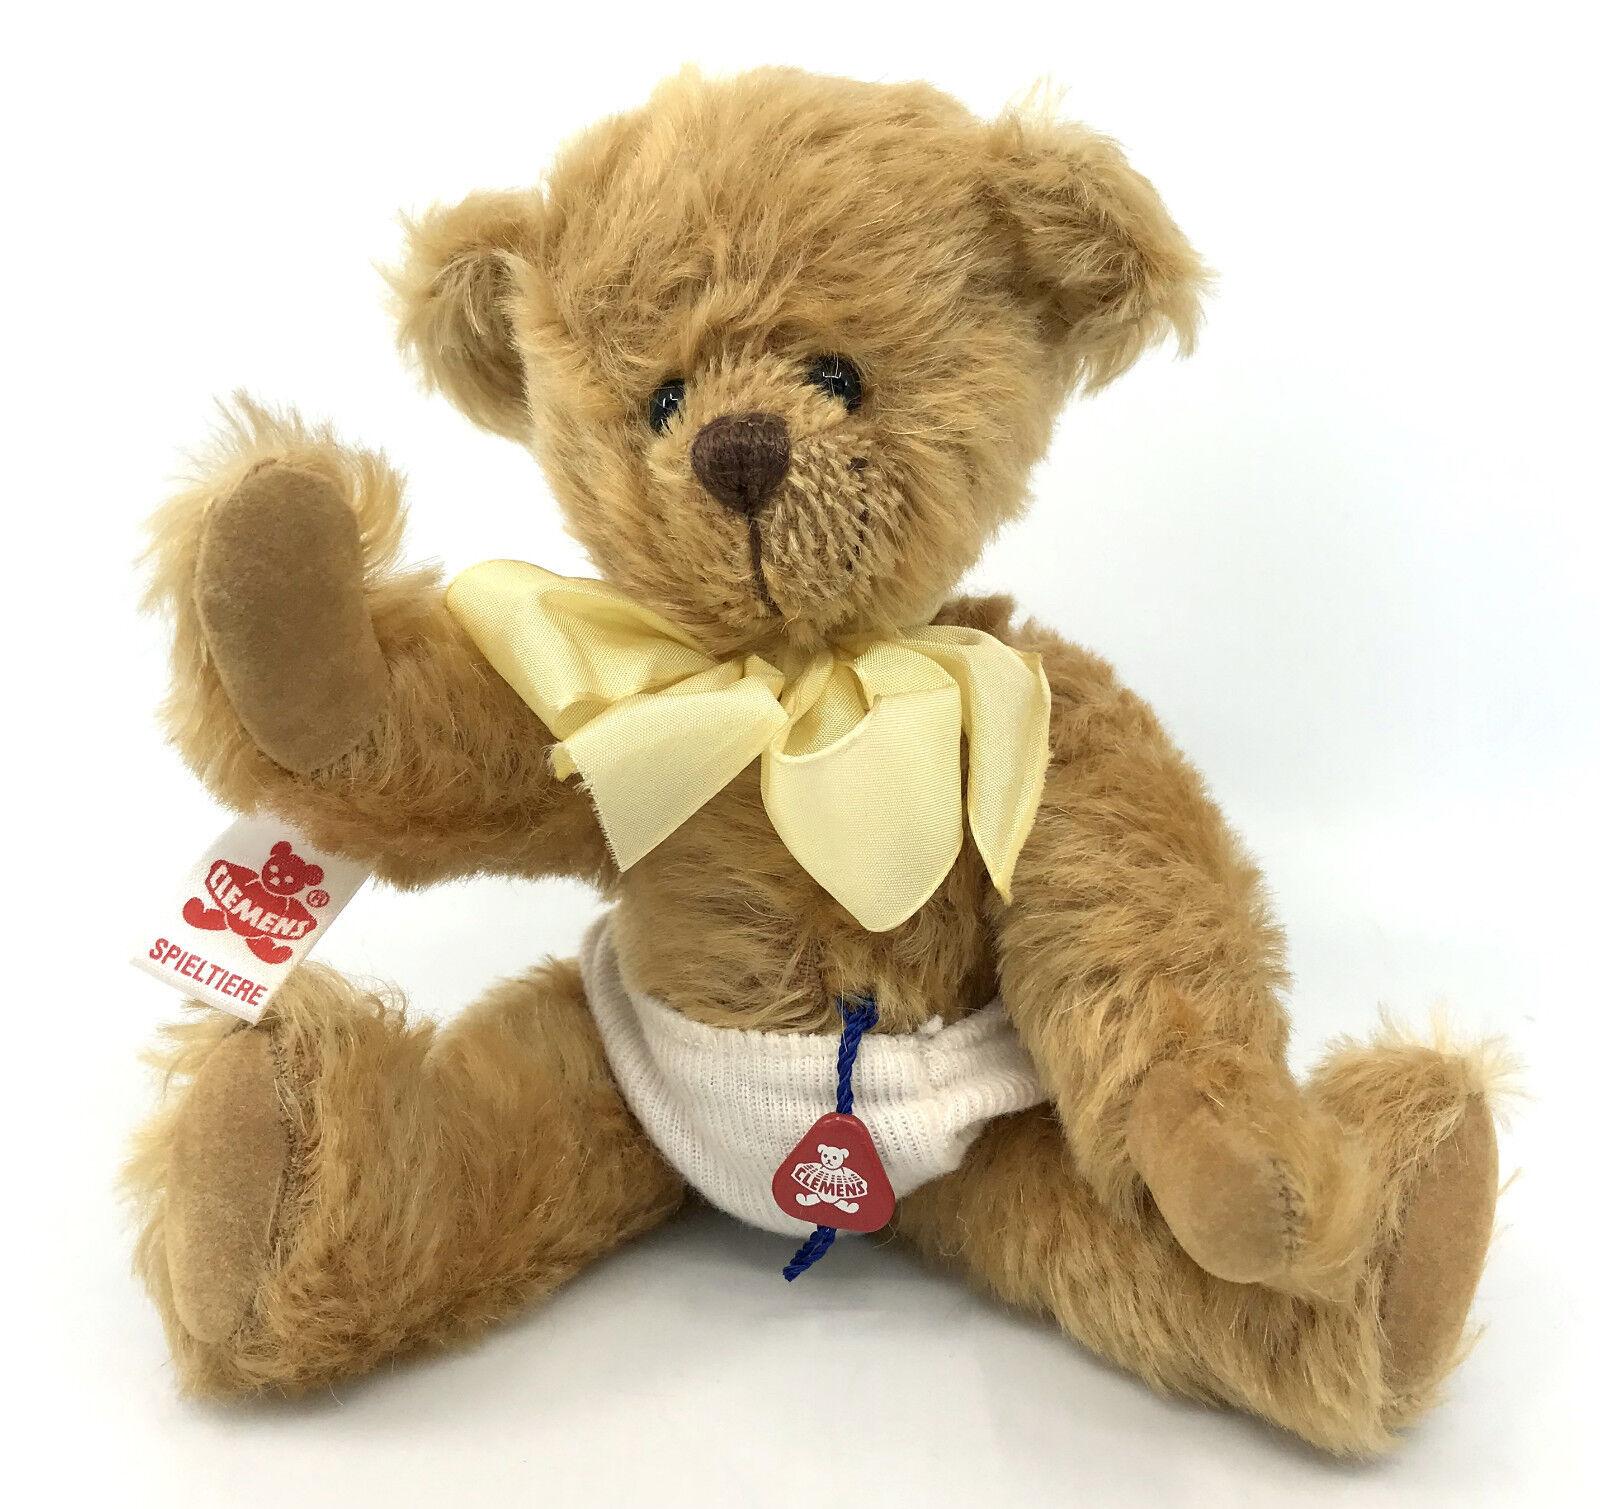 Clemens Spieltiere Baby Teddy Bear Gold Mohair Plush Tags 7.5in wears Knickers